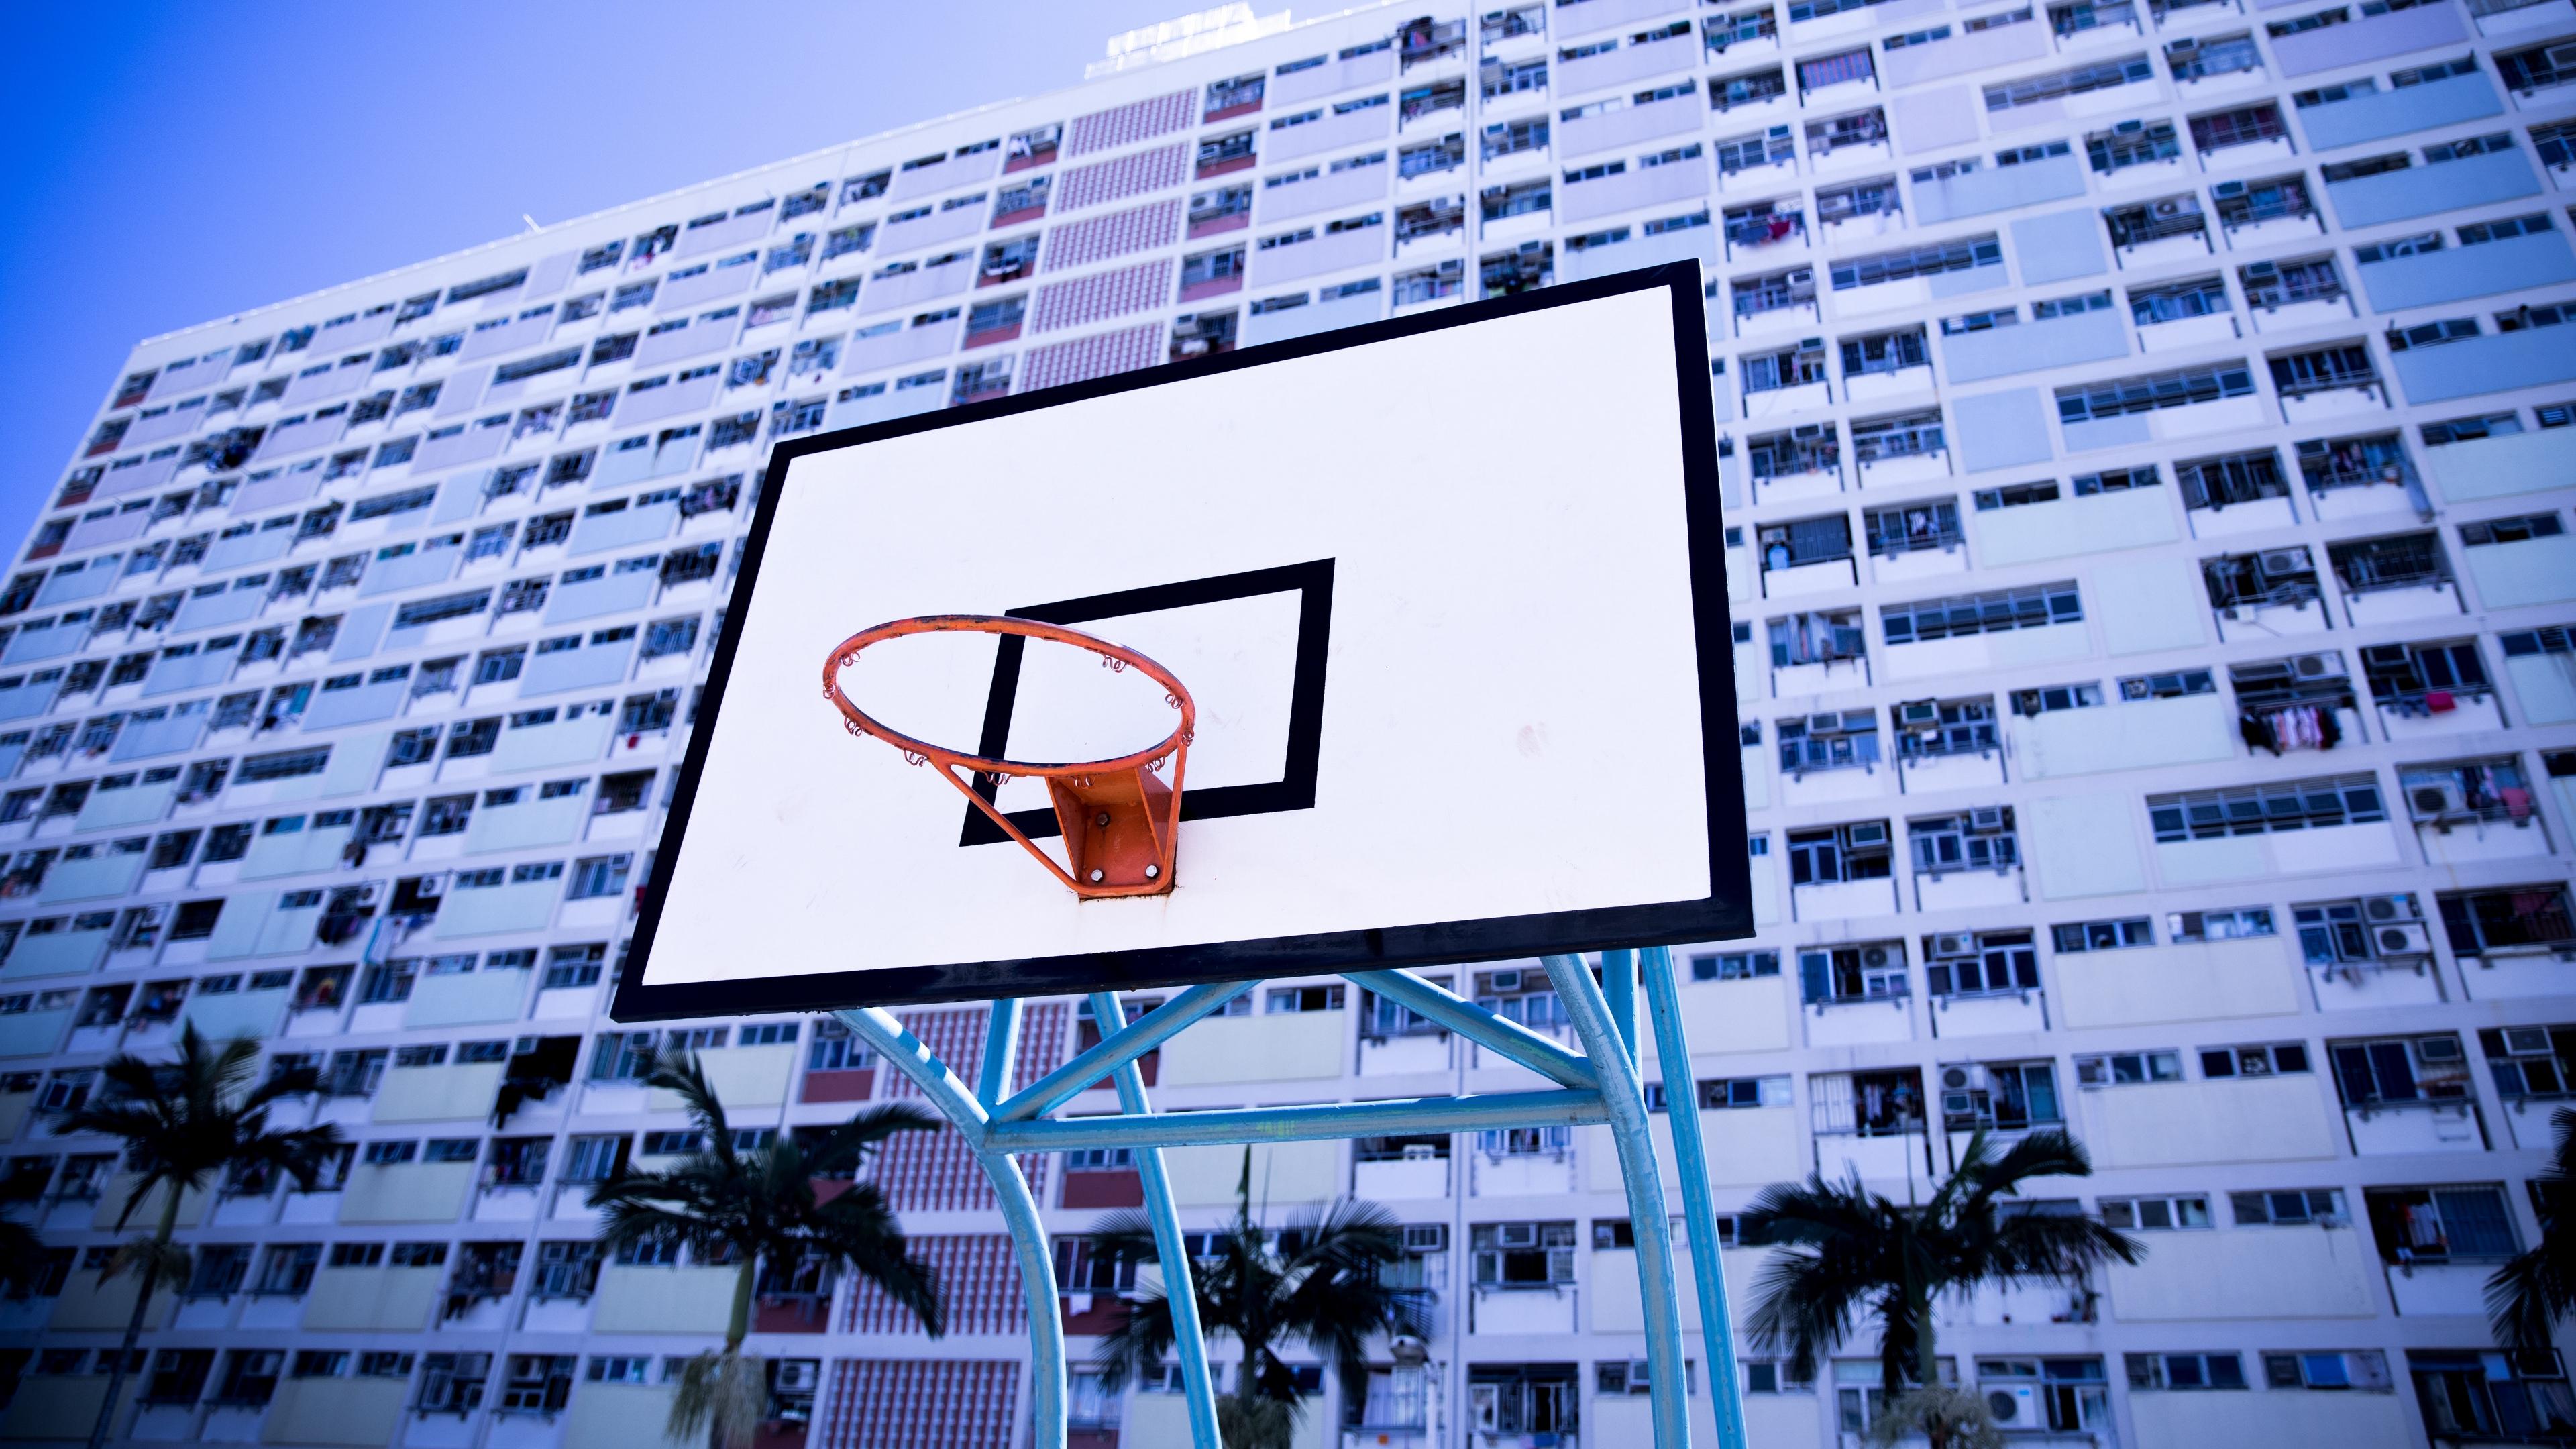 basketball net building ring 4k 1540061893 - basketball net, building, ring 4k - Ring, Building, basketball net